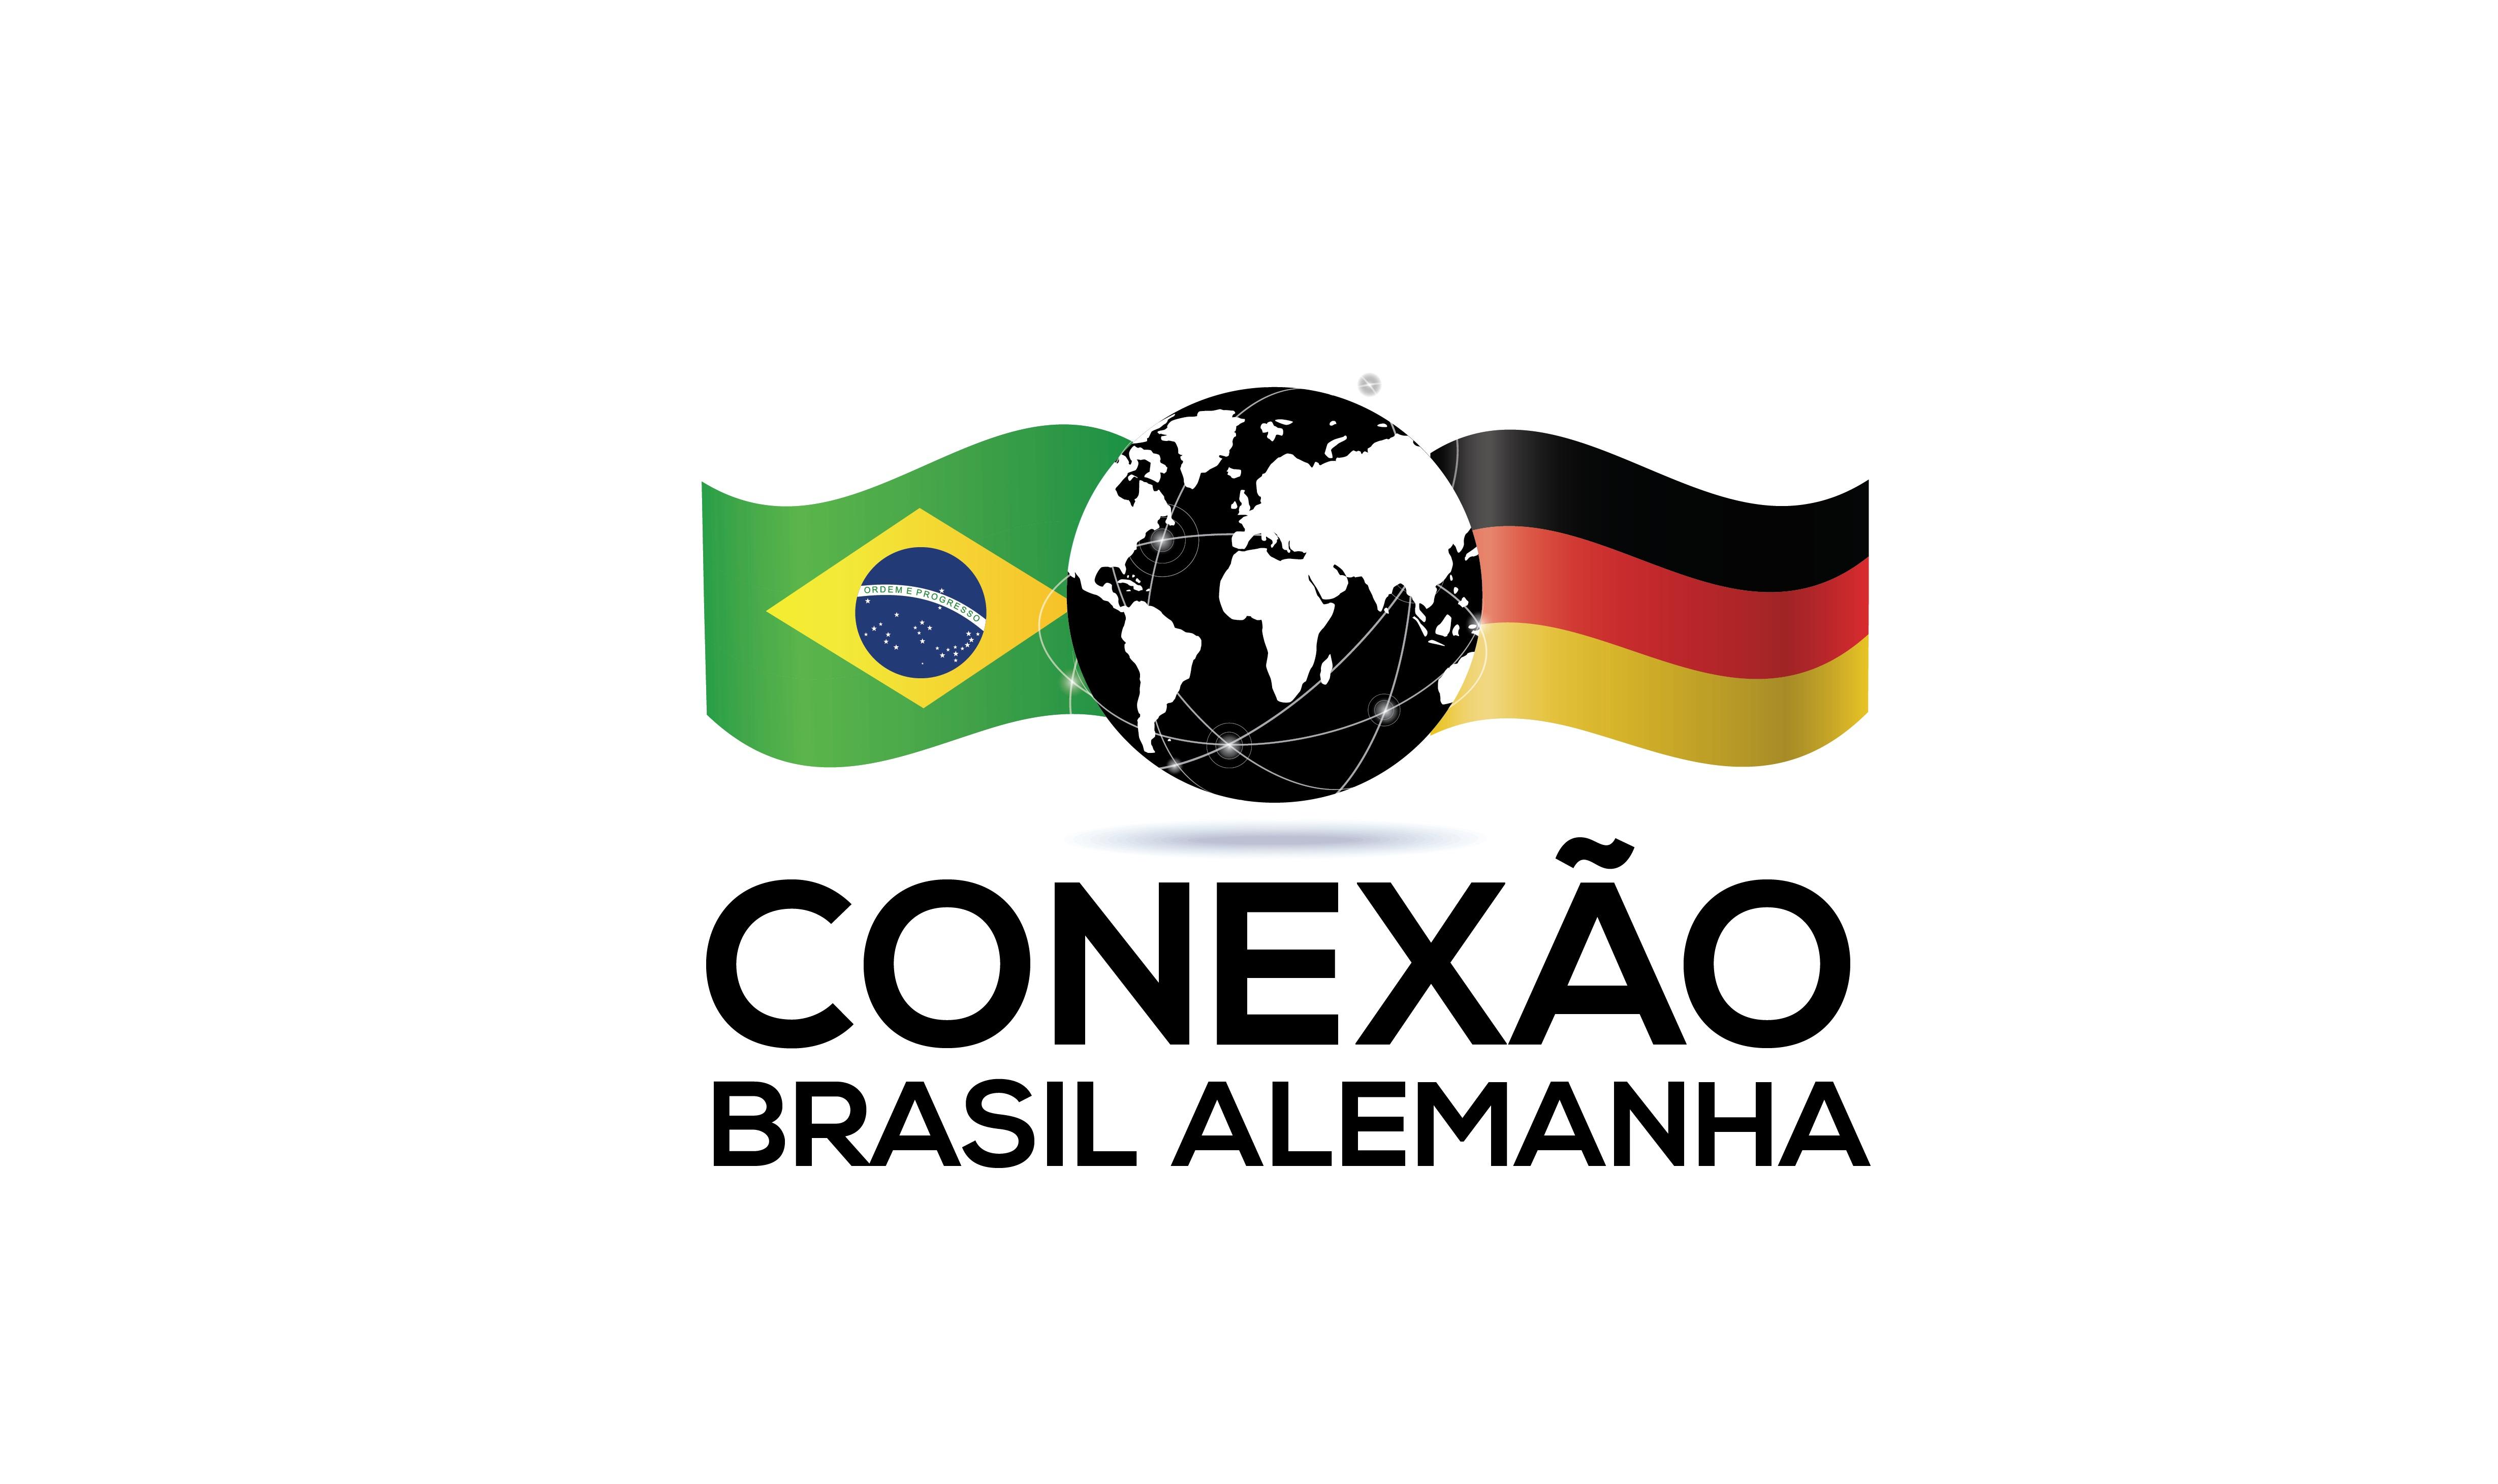 CONEXÃO BRASIL ALEMANHA<br> VALE TV/YouTube